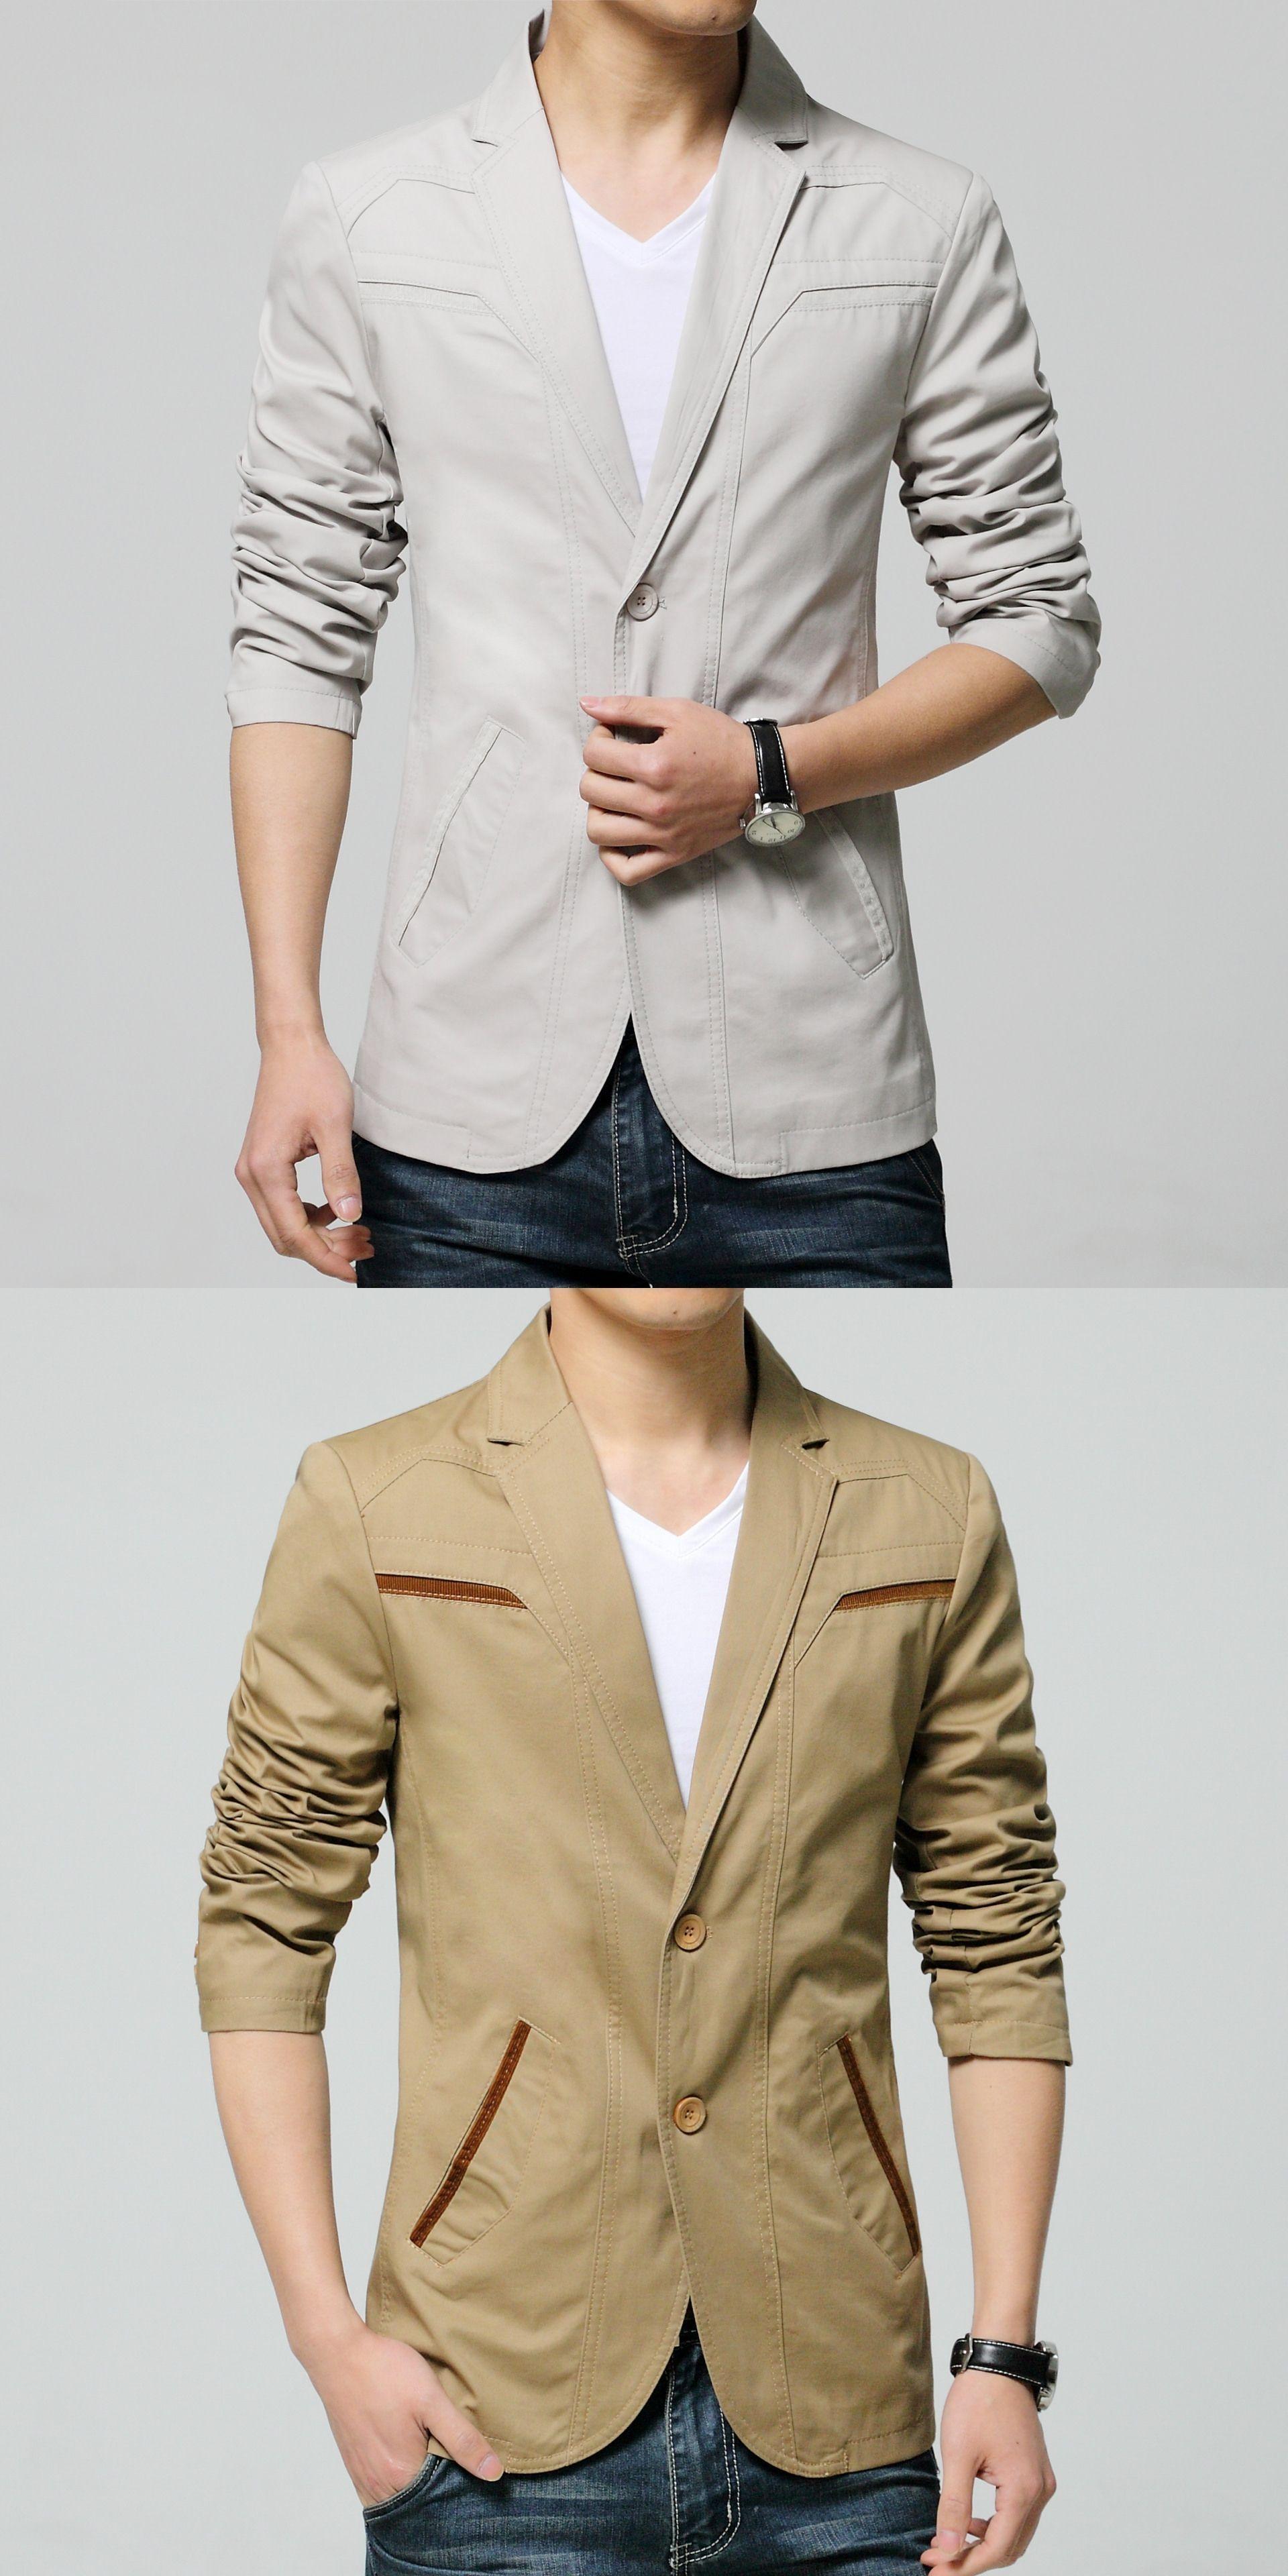 Mxlmen suit jackets blazers dress suits menus casual fashion slim